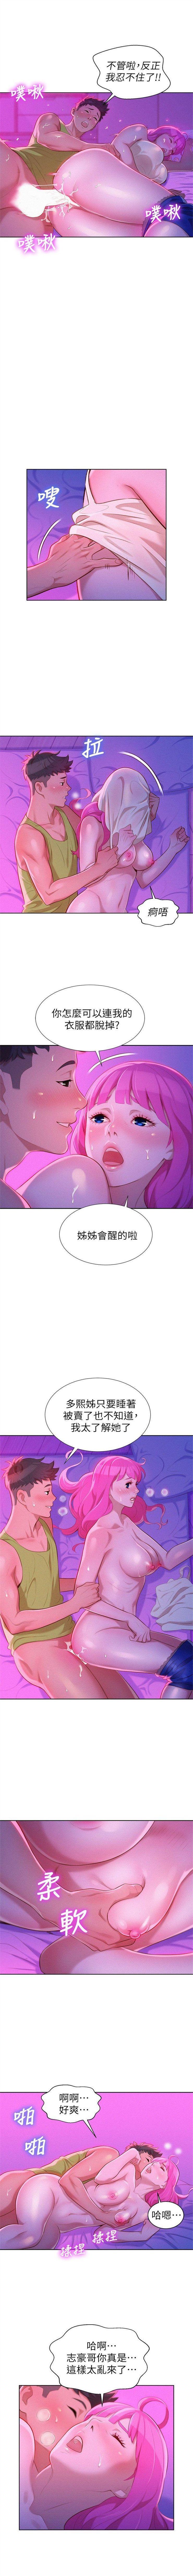 (周7)漂亮干姐姐  1-81 中文翻译 (更新中) 83